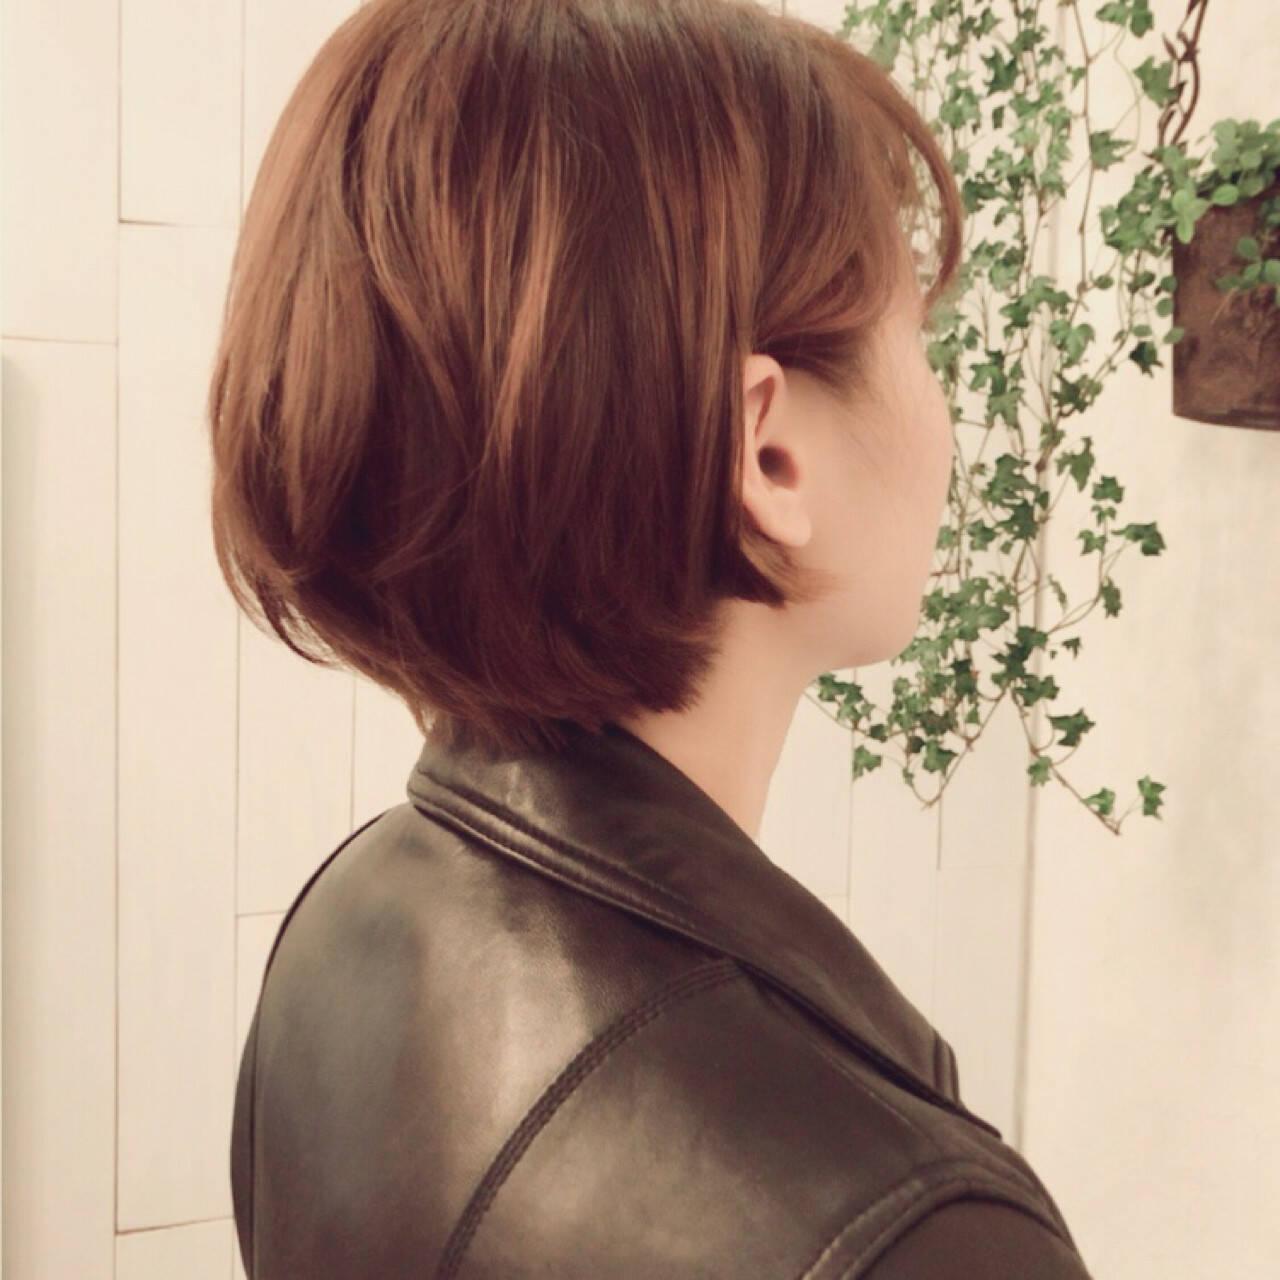 ショート 縮毛矯正 ストレート パーマヘアスタイルや髪型の写真・画像